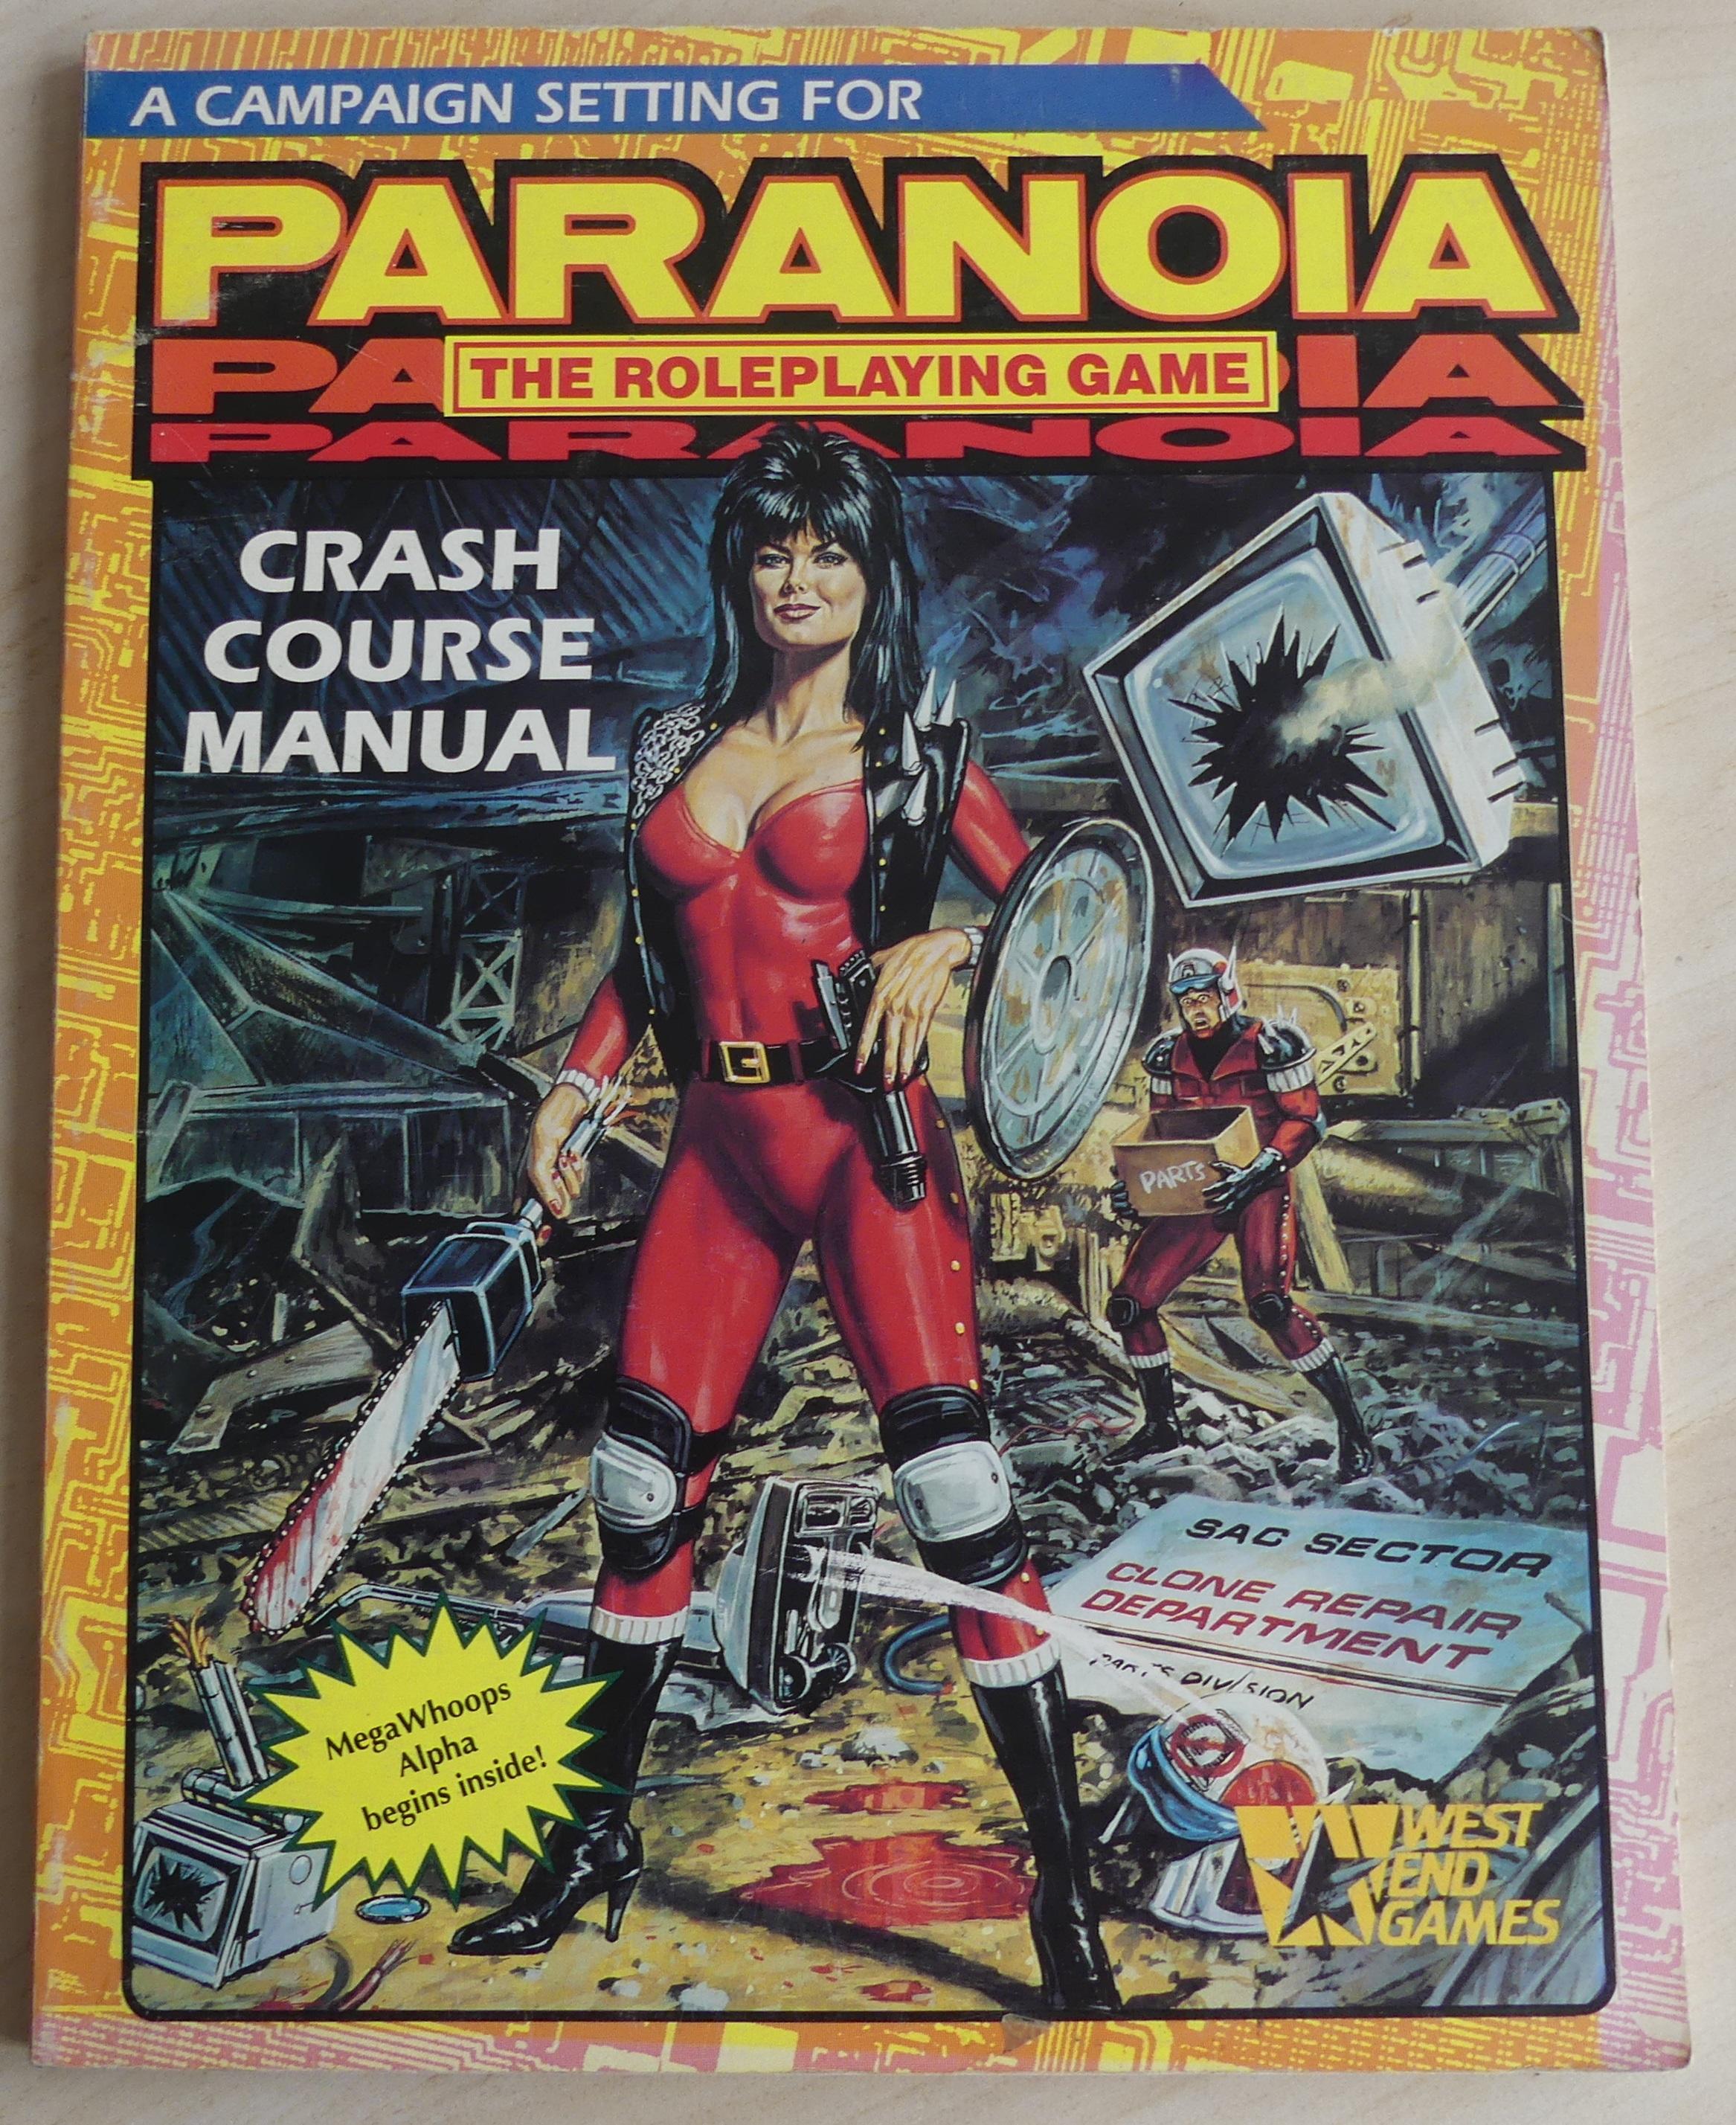 a campaign setting for paranoia: crash course manual